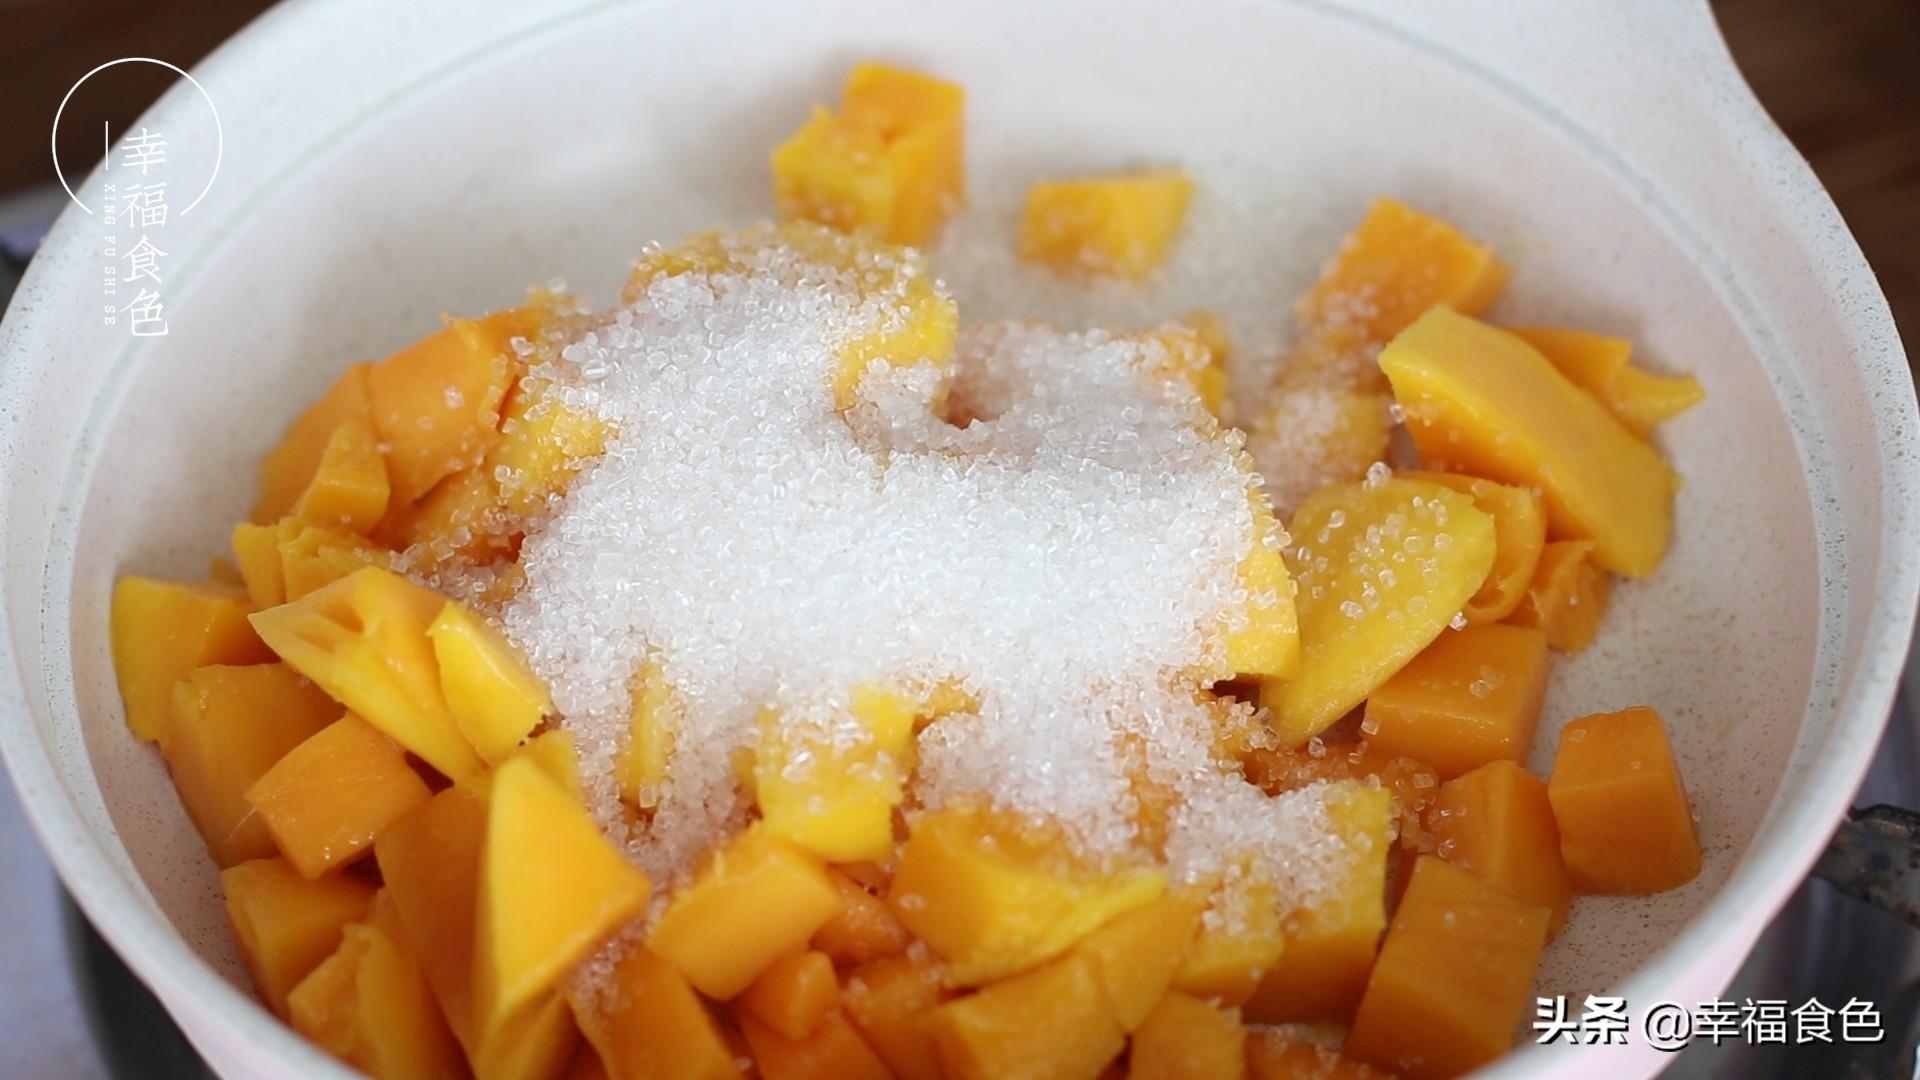 吃不完的芒果试试冻起来,香甜可口还解暑,雪糕都不用买了